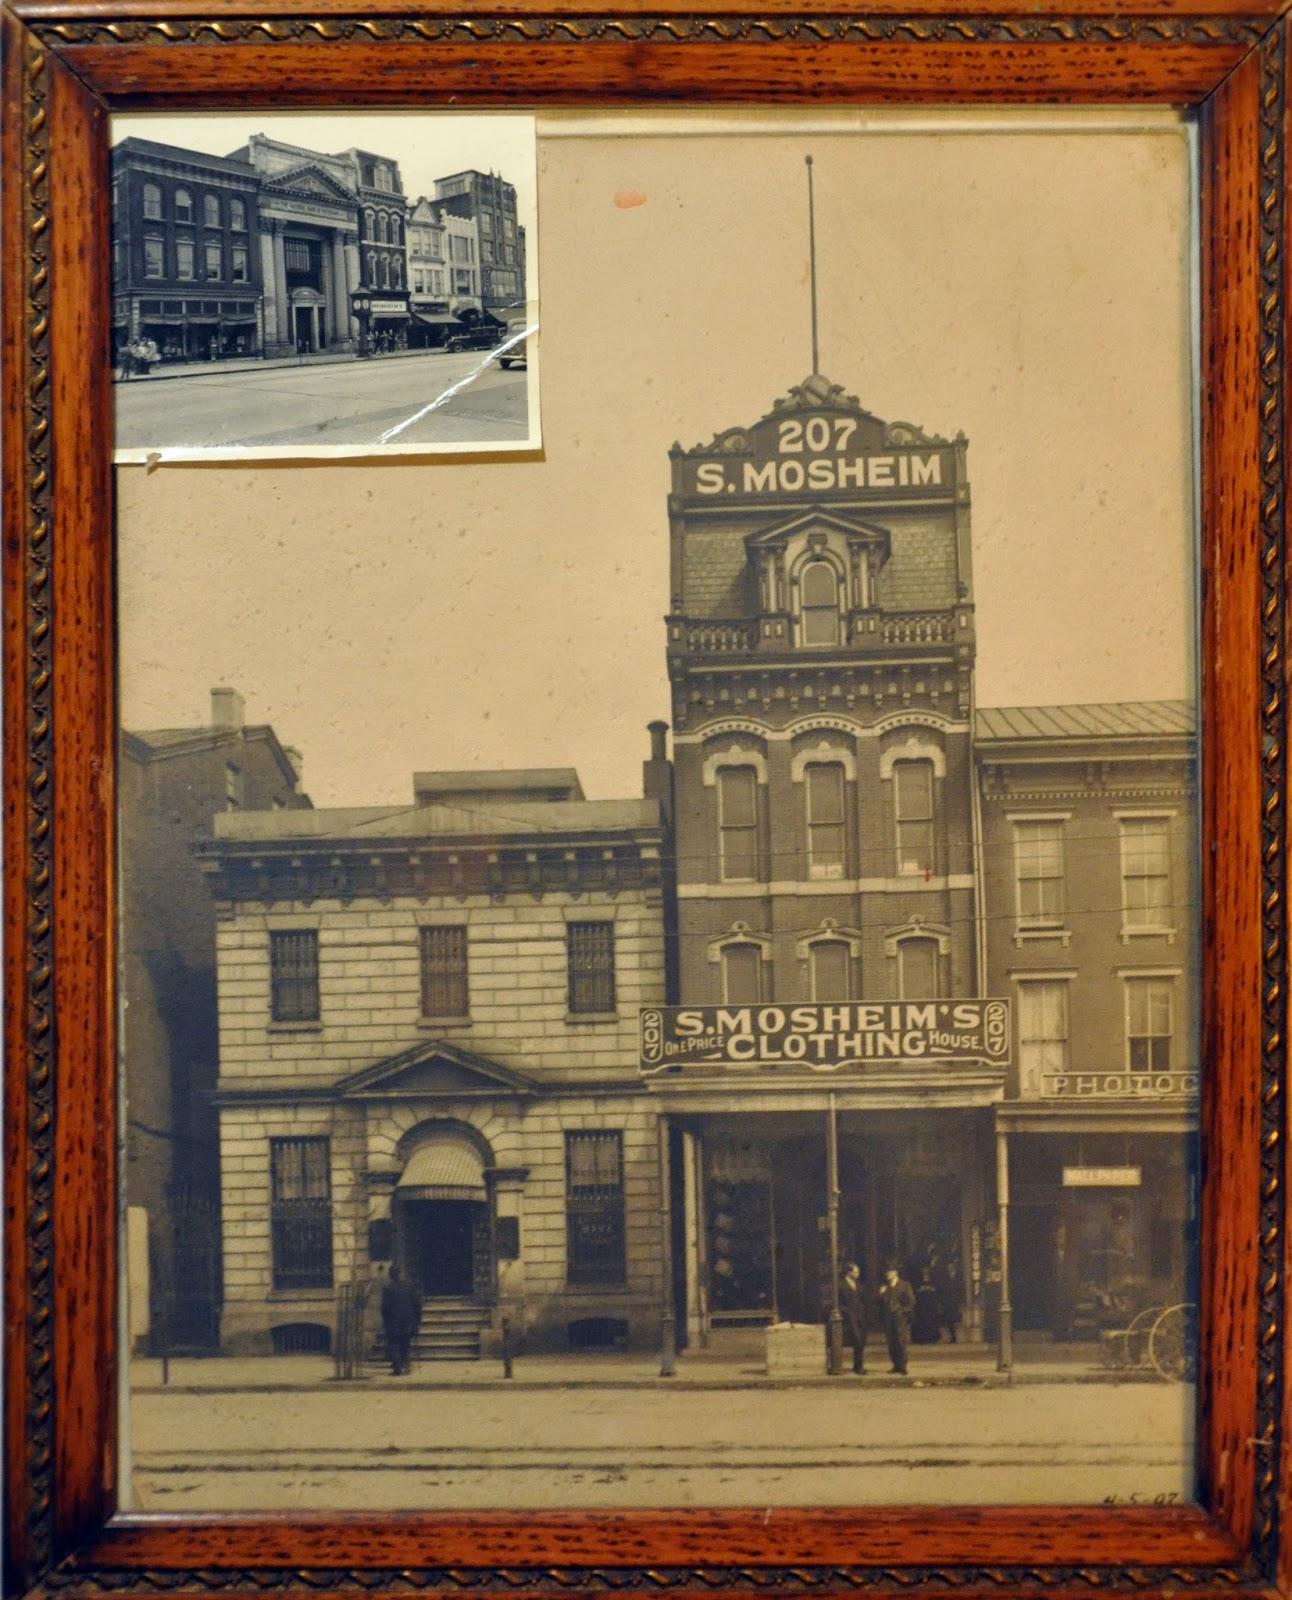 Mosheim Clothing Store .. Pottstown, Pa 1882